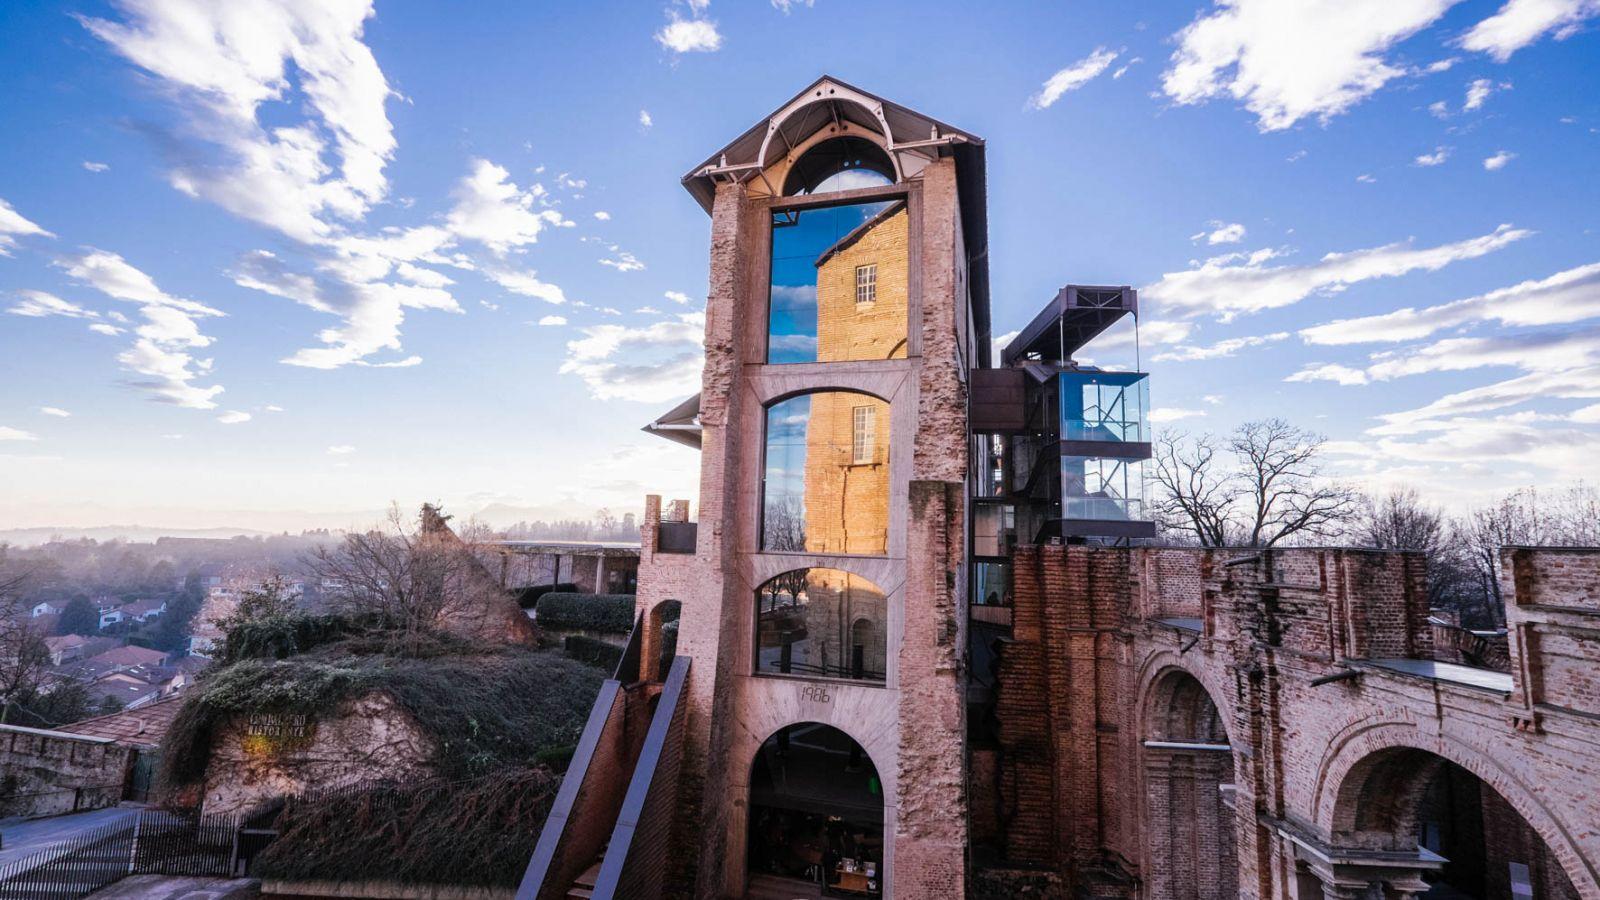 Ιταλία: Η τέχνη θεραπεύει – Μουσείο μοντέρνας τέχνης μετατρέπεται σε εμβολιαστικό κέντρο Covid-19